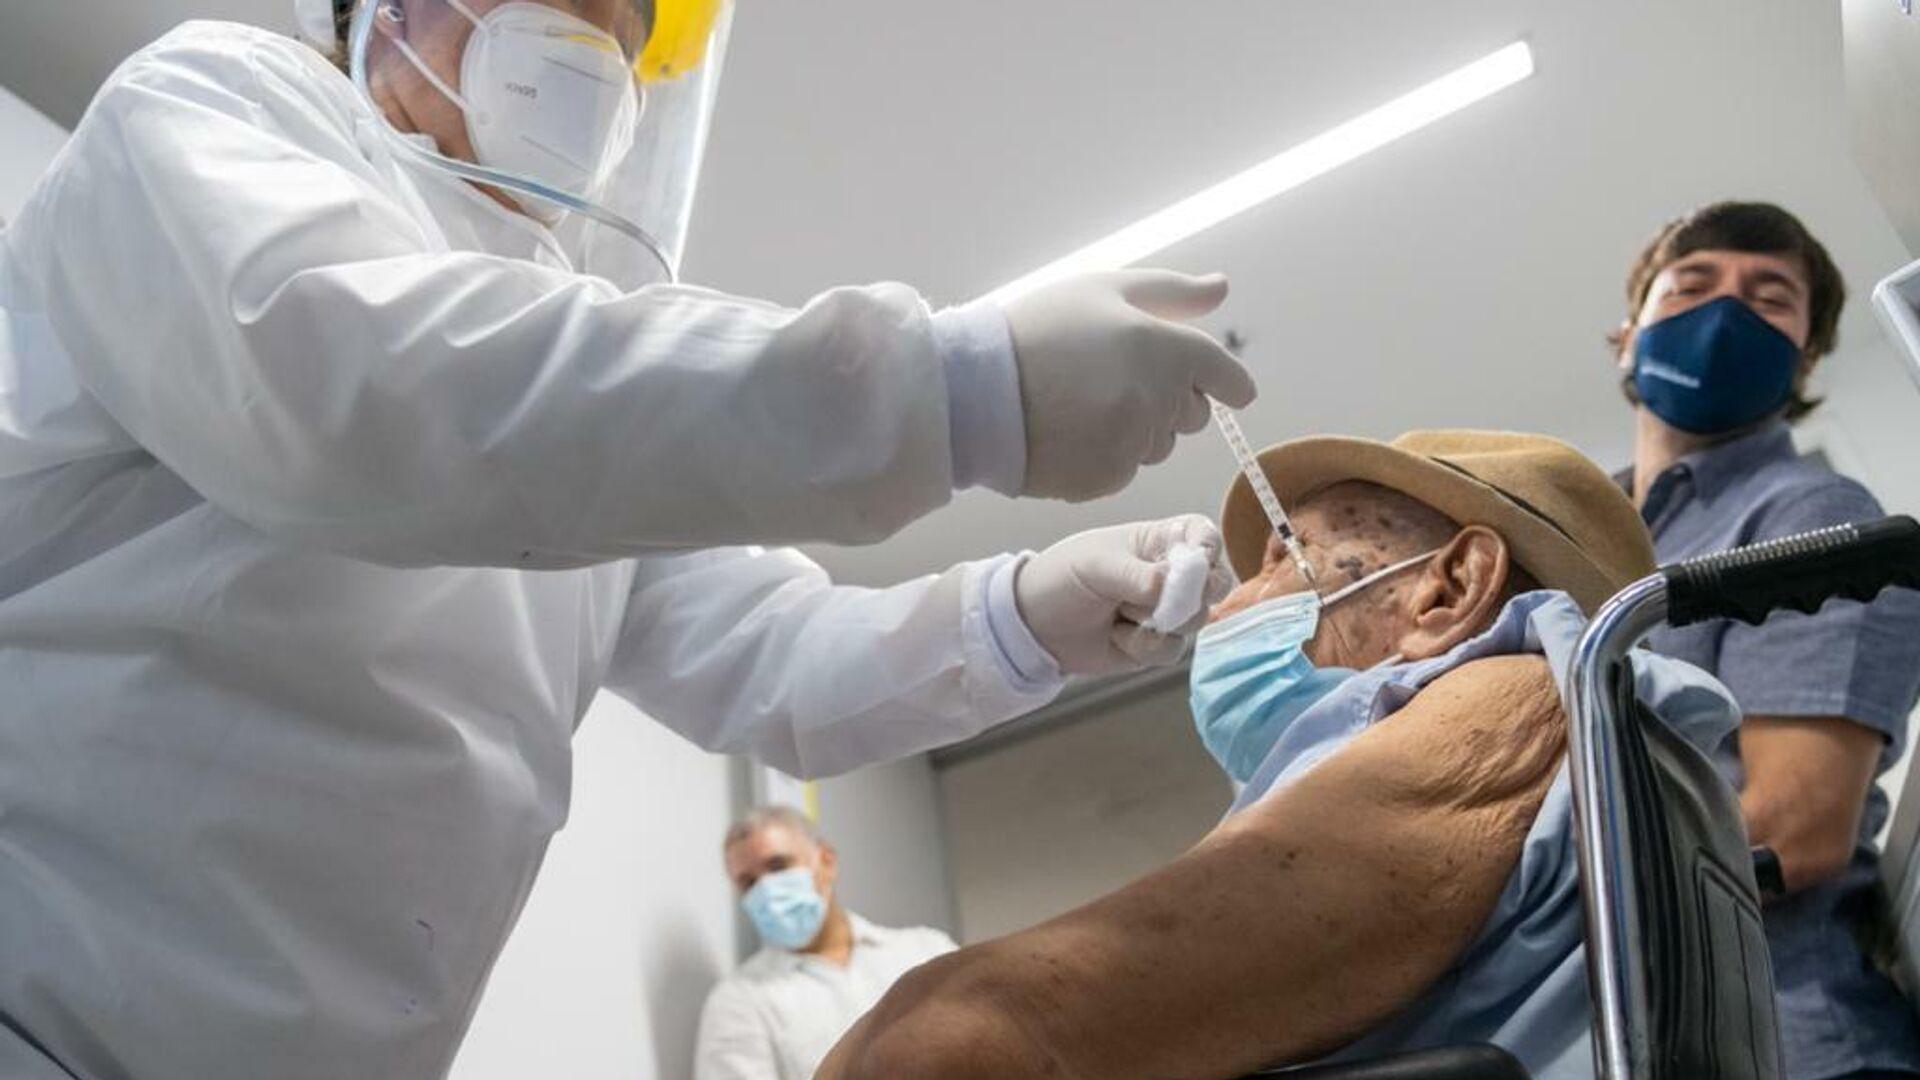 Adel Mass Arcón, persona número un millón en ser vacunada contra COVID-19 en Colombia - Sputnik Mundo, 1920, 17.03.2021